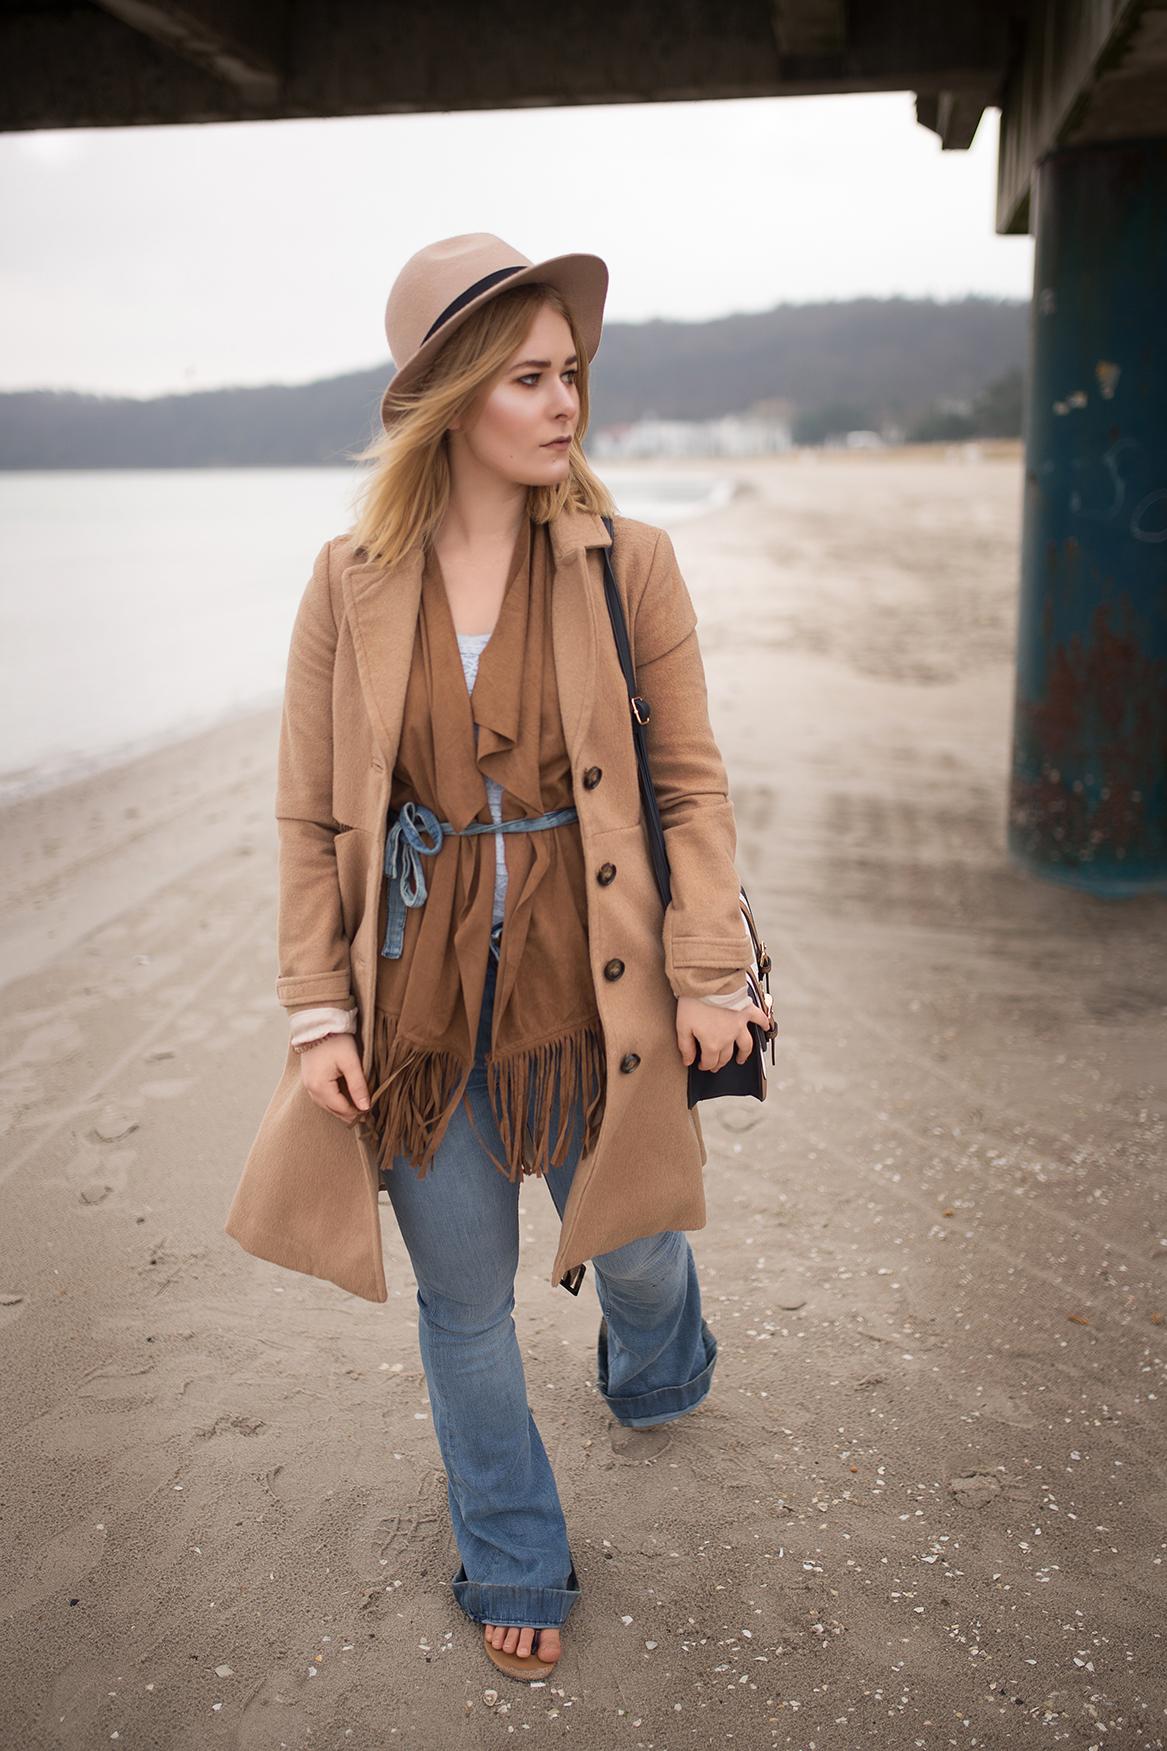 brauner-mantel-mit-hut-und-jeans